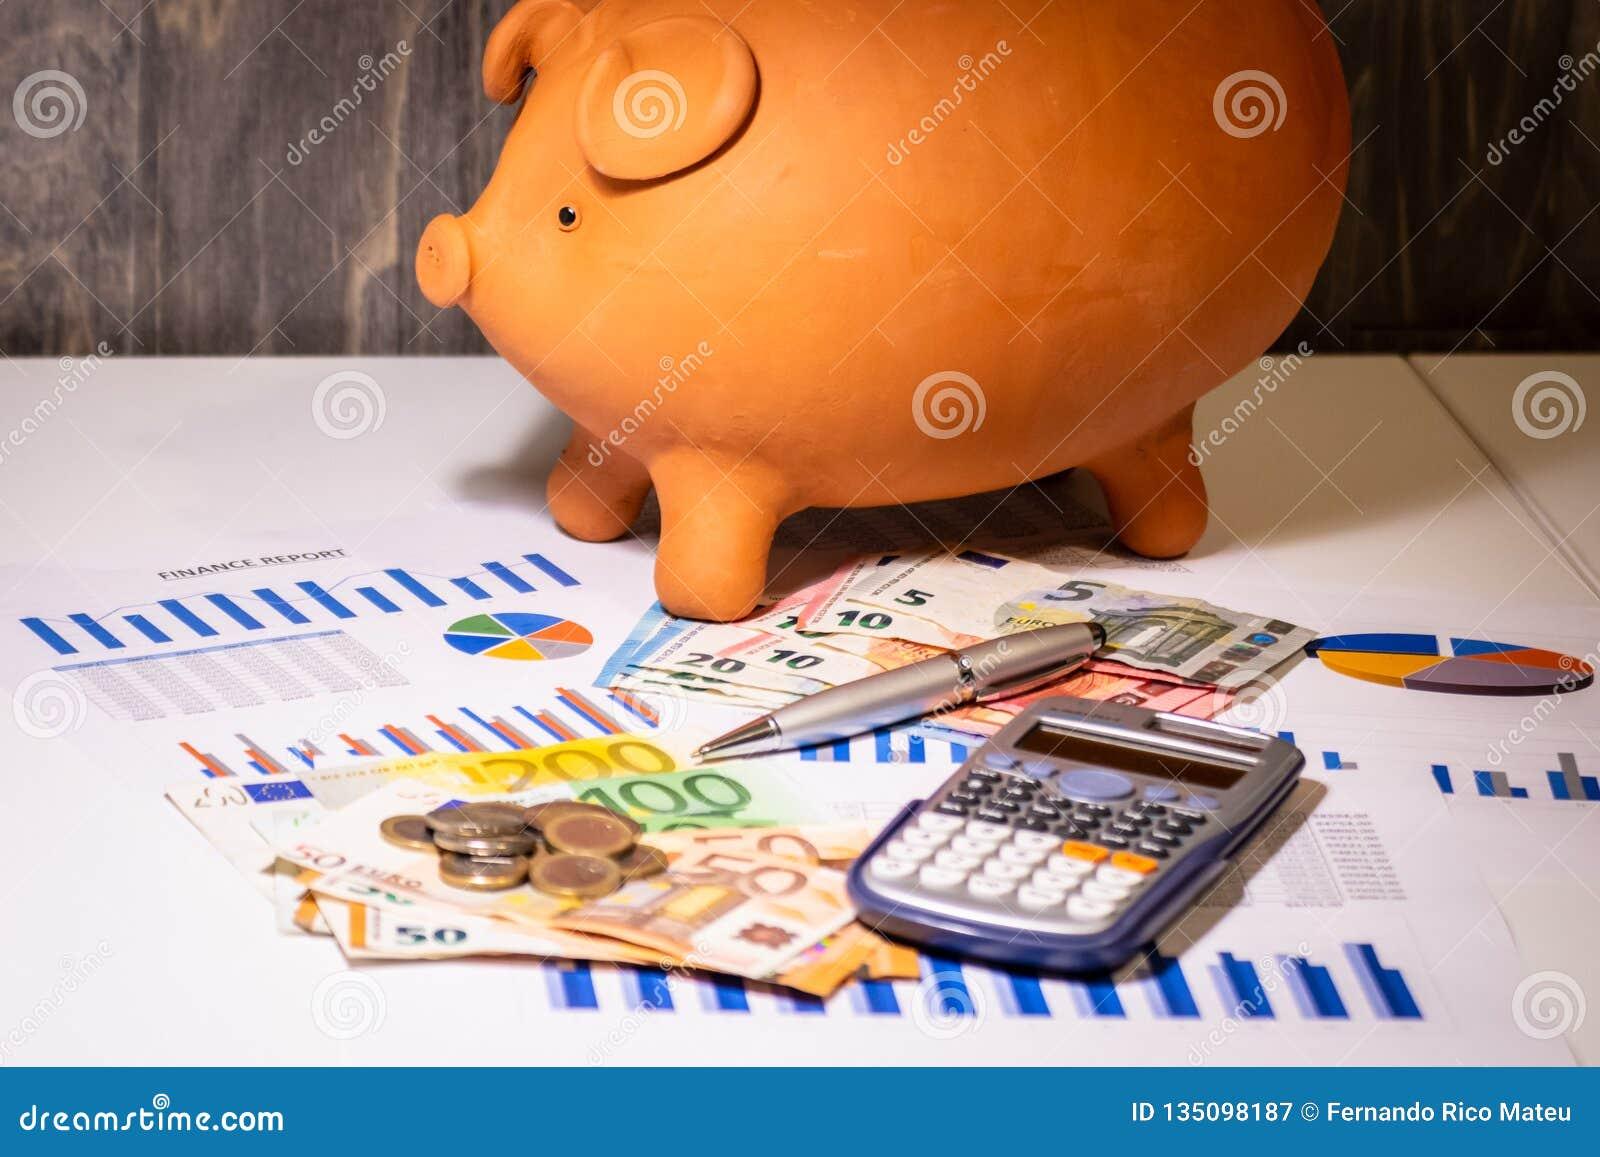 Копилка на деньгах, счетах евро, бизнес-отчетах, ручке и калькуляторе